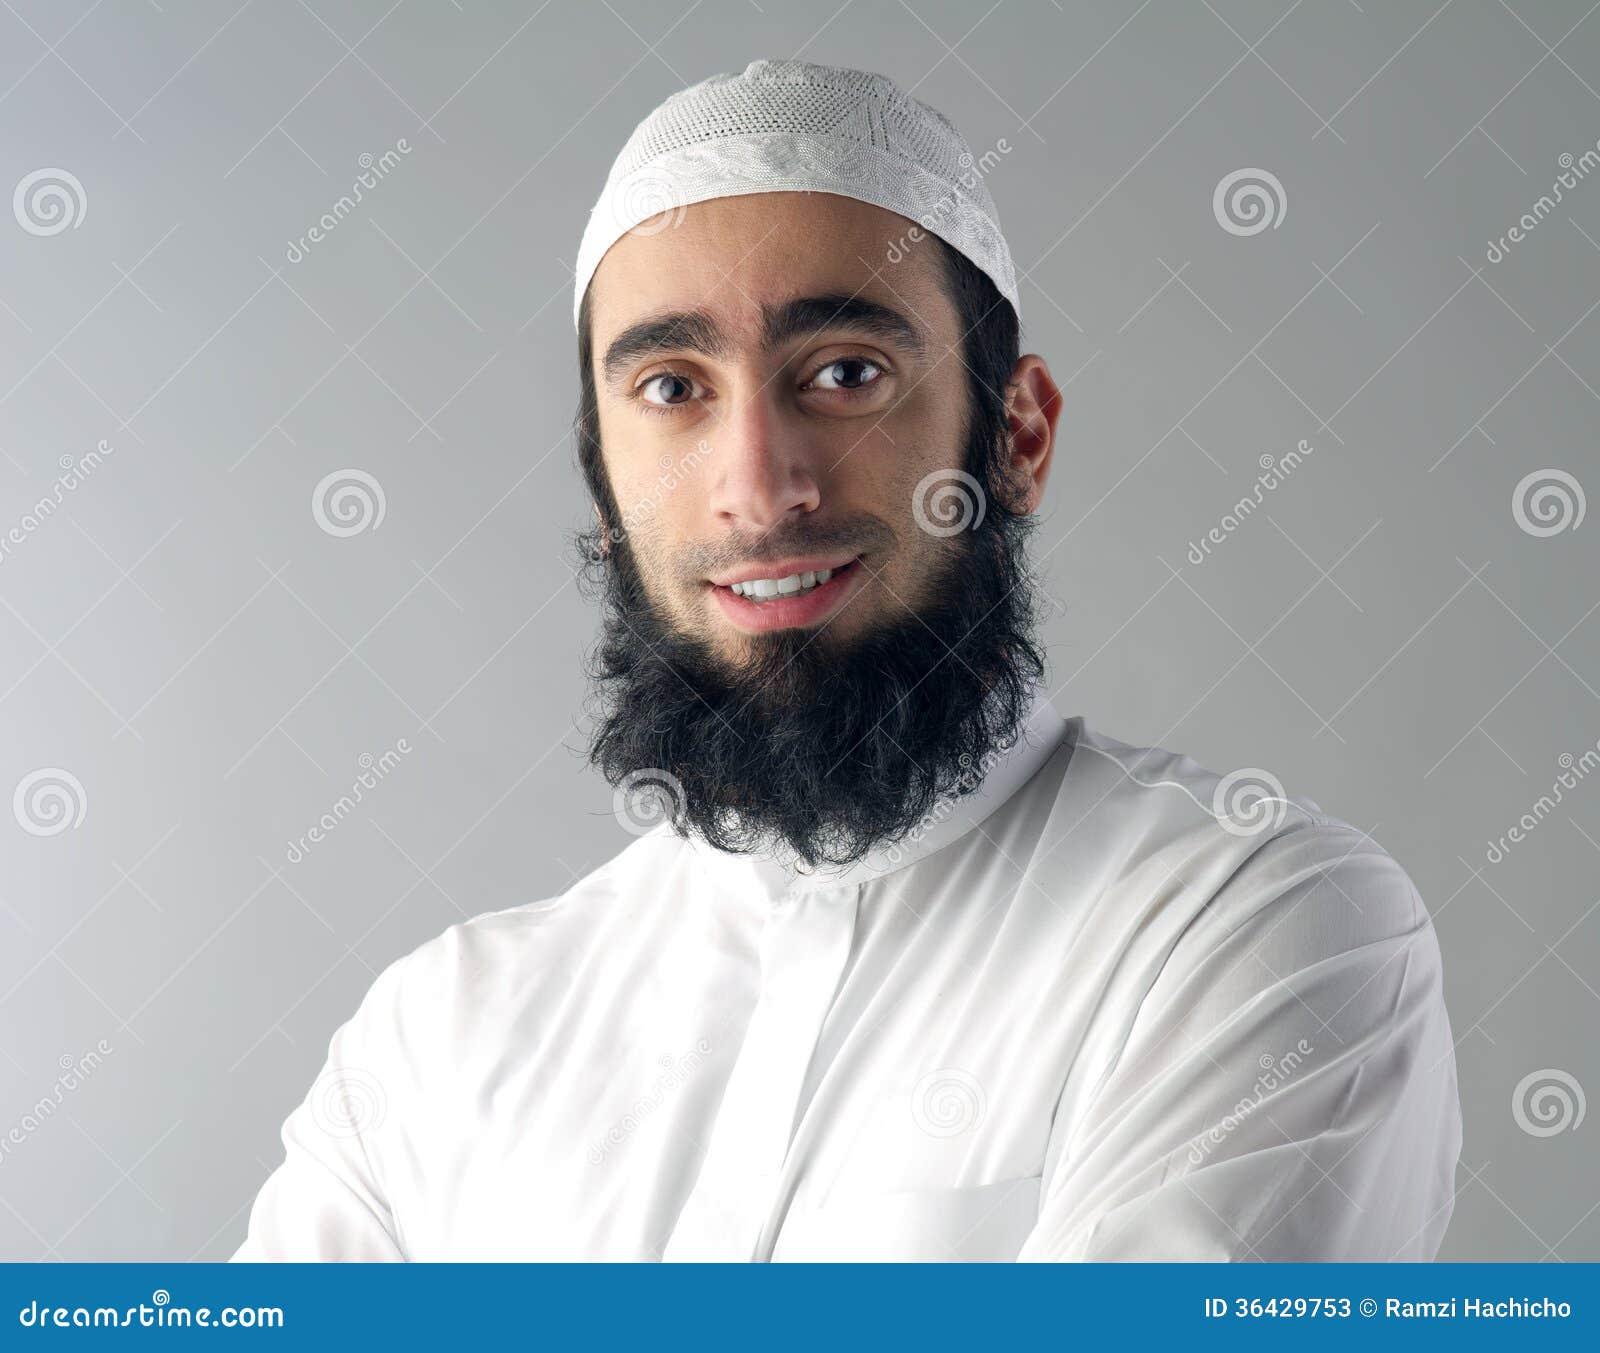 Cherche homme musulman avec photo